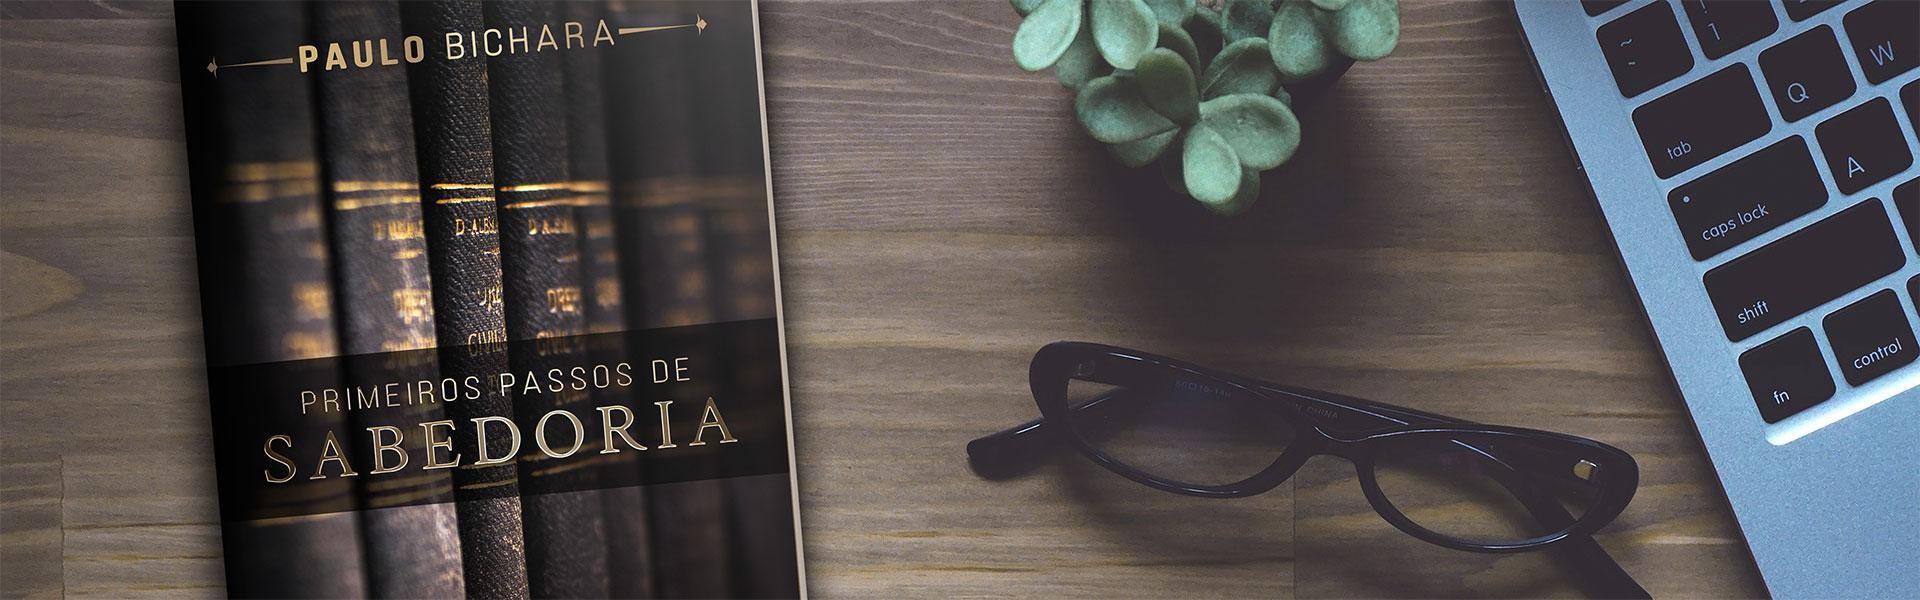 Primeiros Passos de Sabedoria | Paulo Bichara